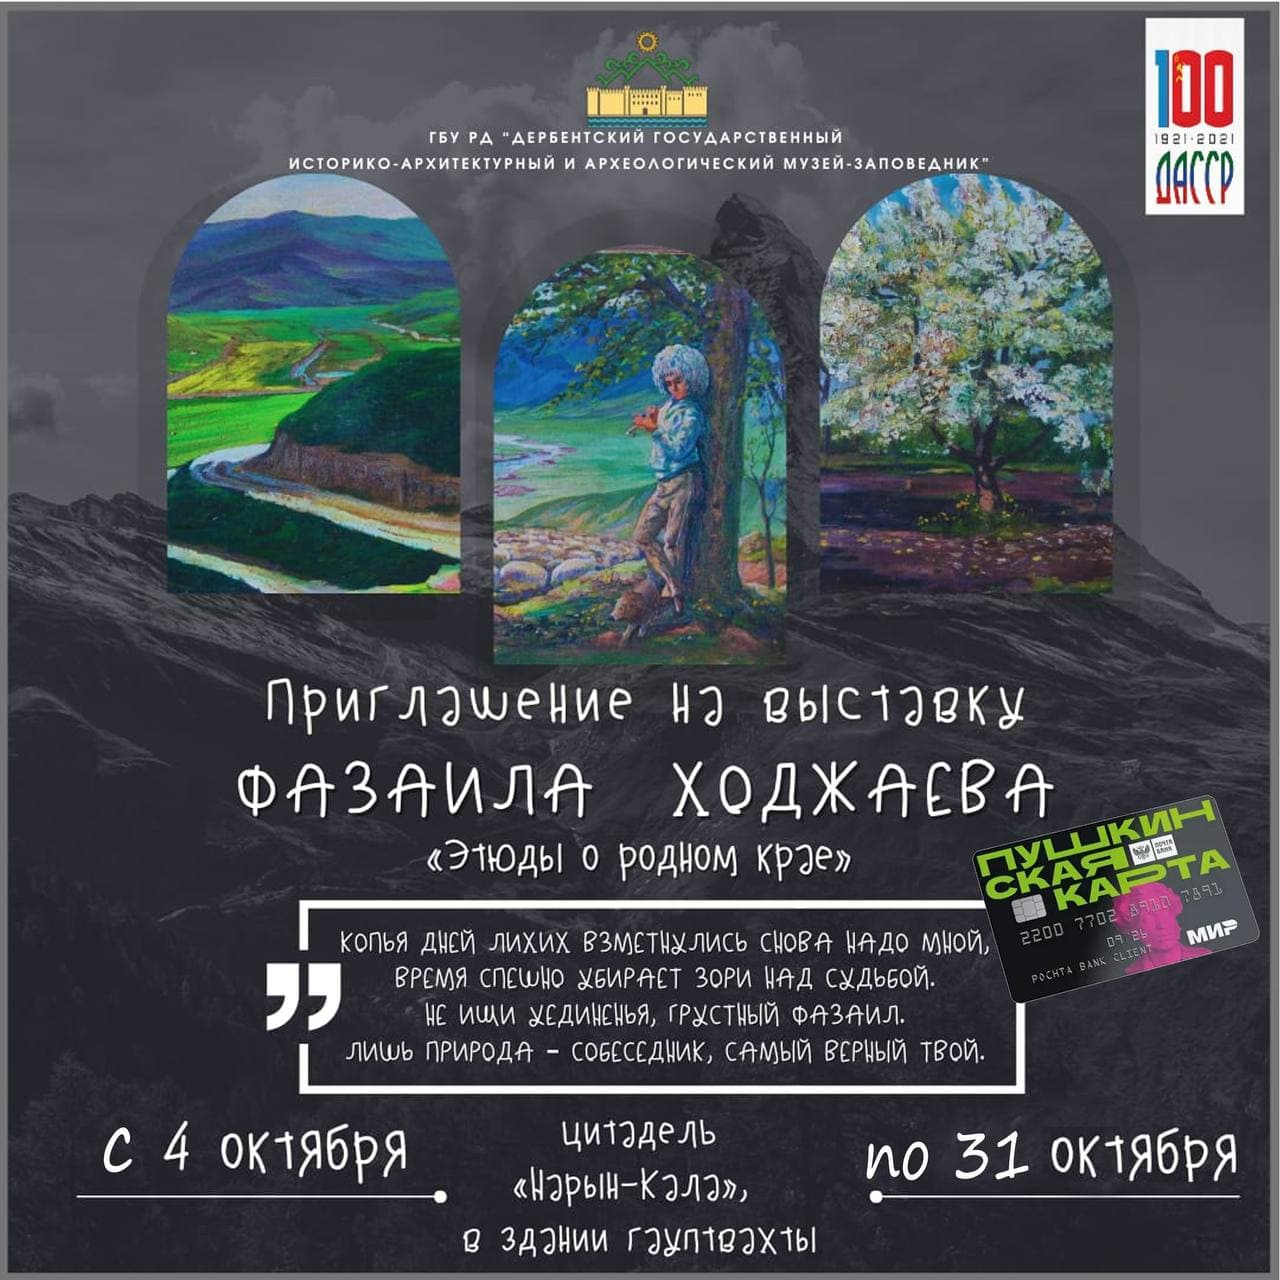 Выставка «Этюды о родном крае»